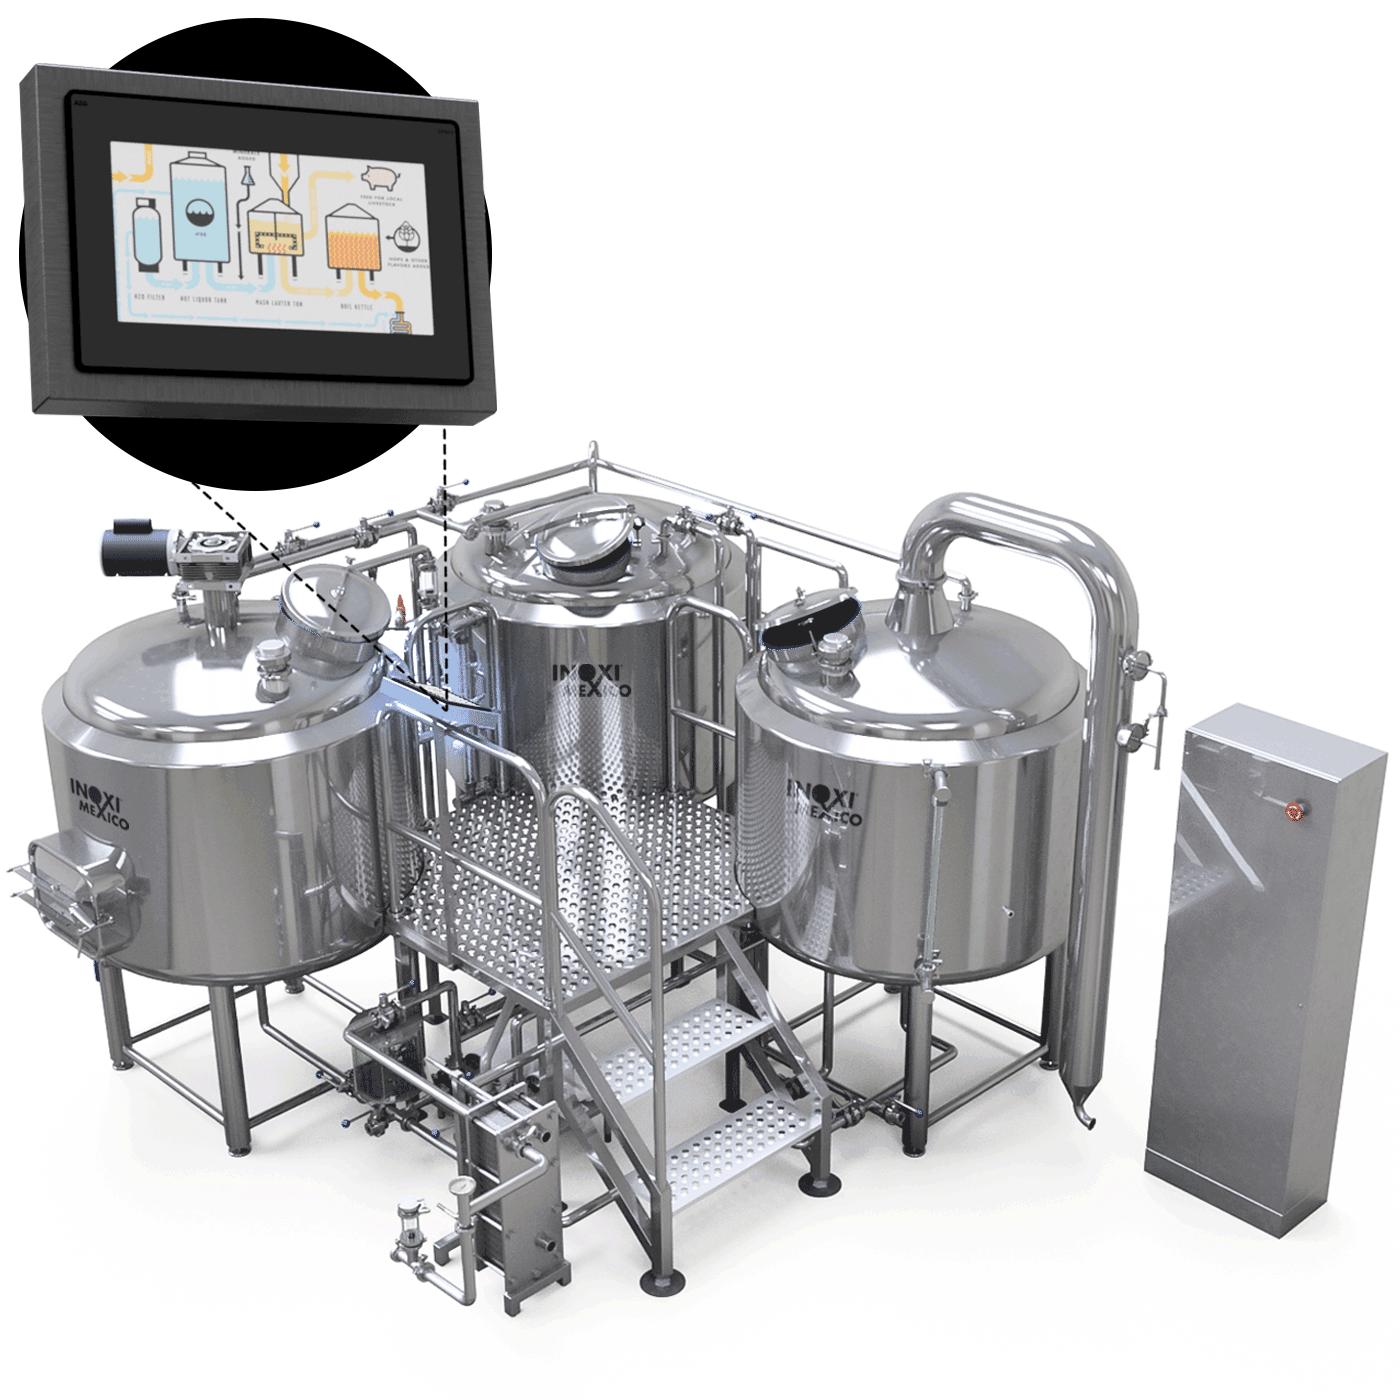 BrewersPro Calentamiento a Vapor 1,500 Litros Nominales (1,000L - 8.5BBL Útil)